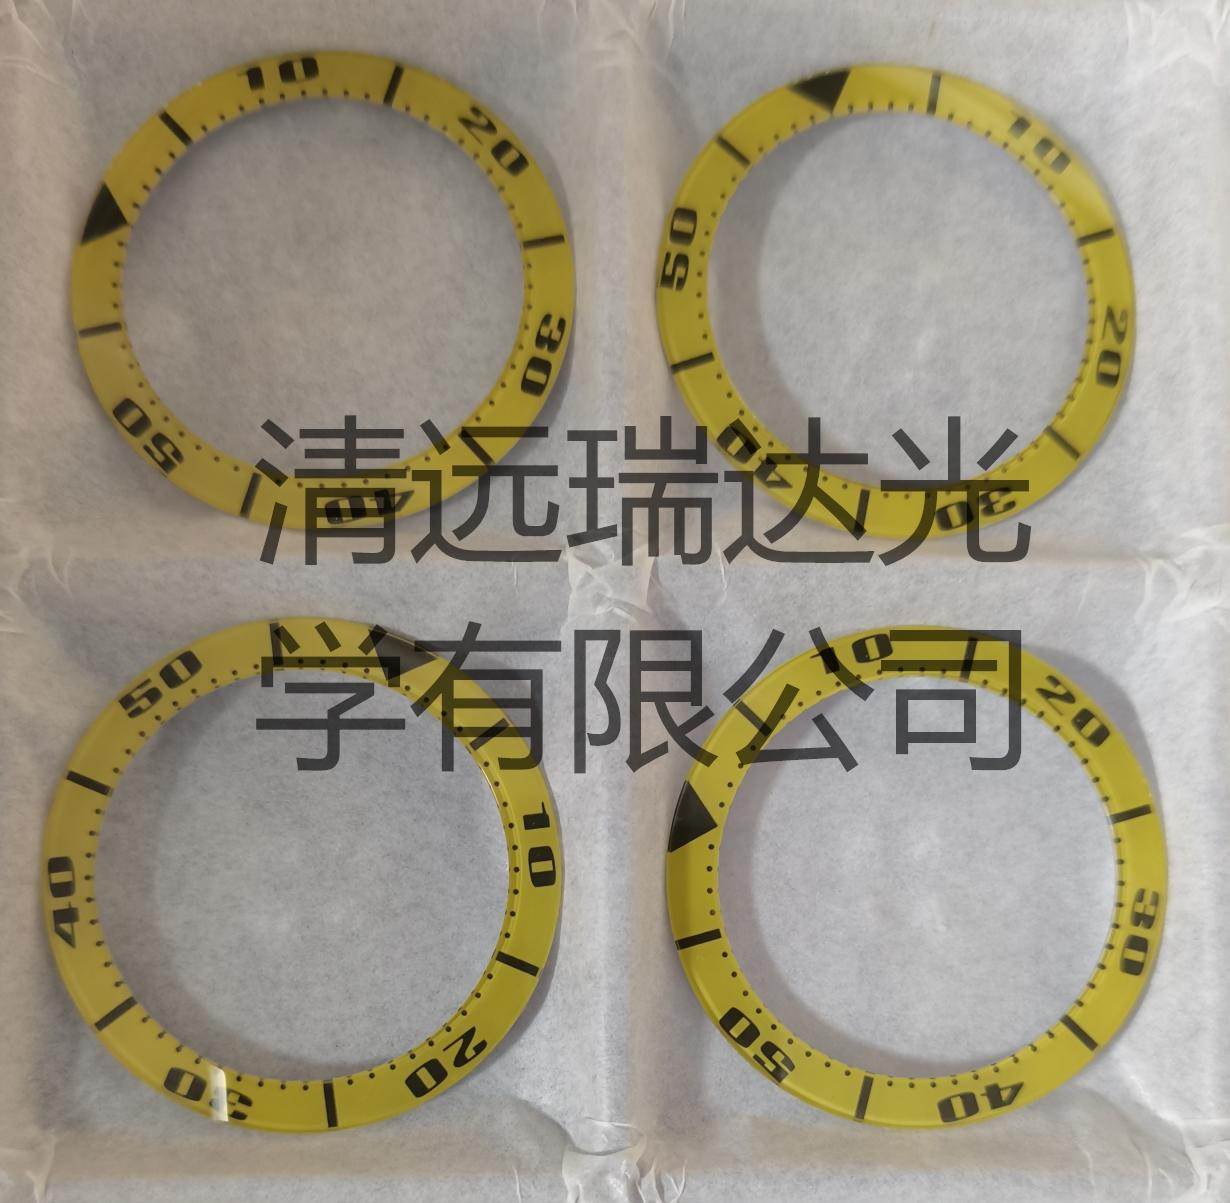 蓝宝石玻璃加工玻璃表圈圈口丝印电镀手表刻度 1